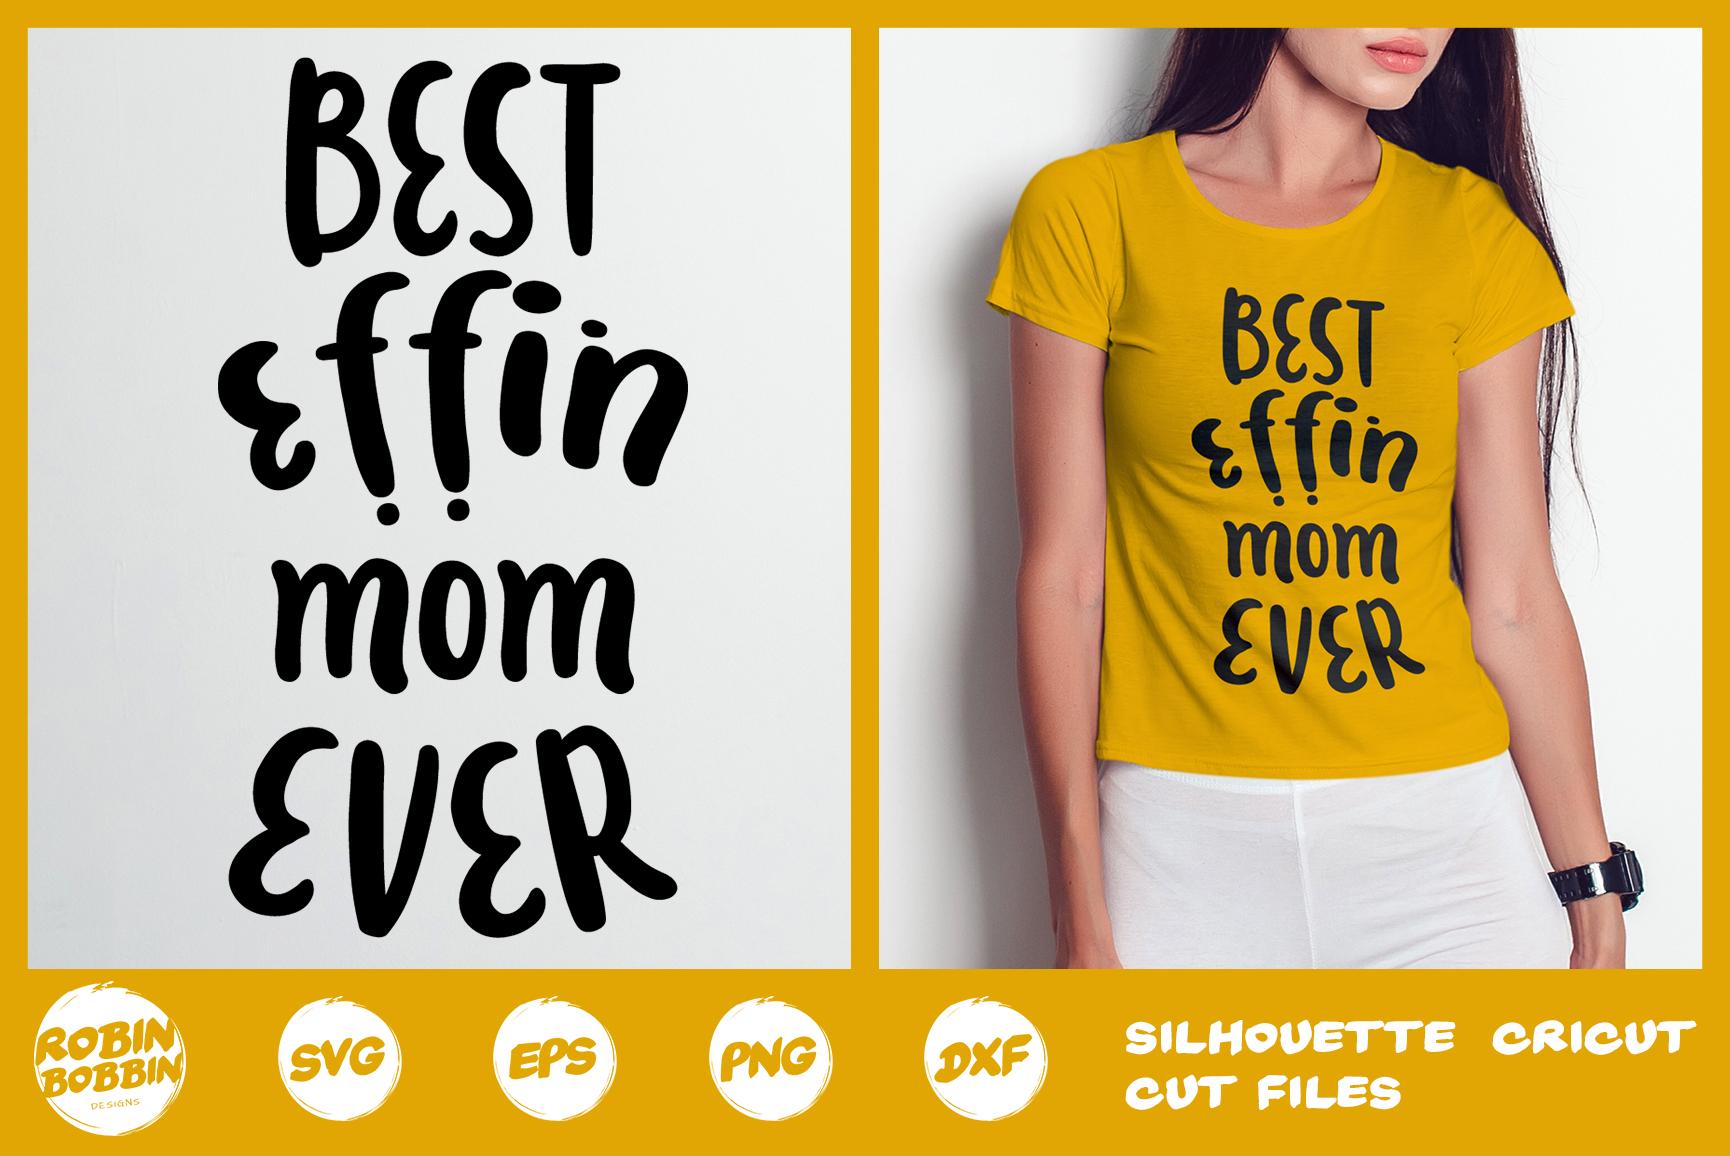 Best Effin Mom Ever SVG - Mother SVG DXF EPS PNG Crafts example image 1